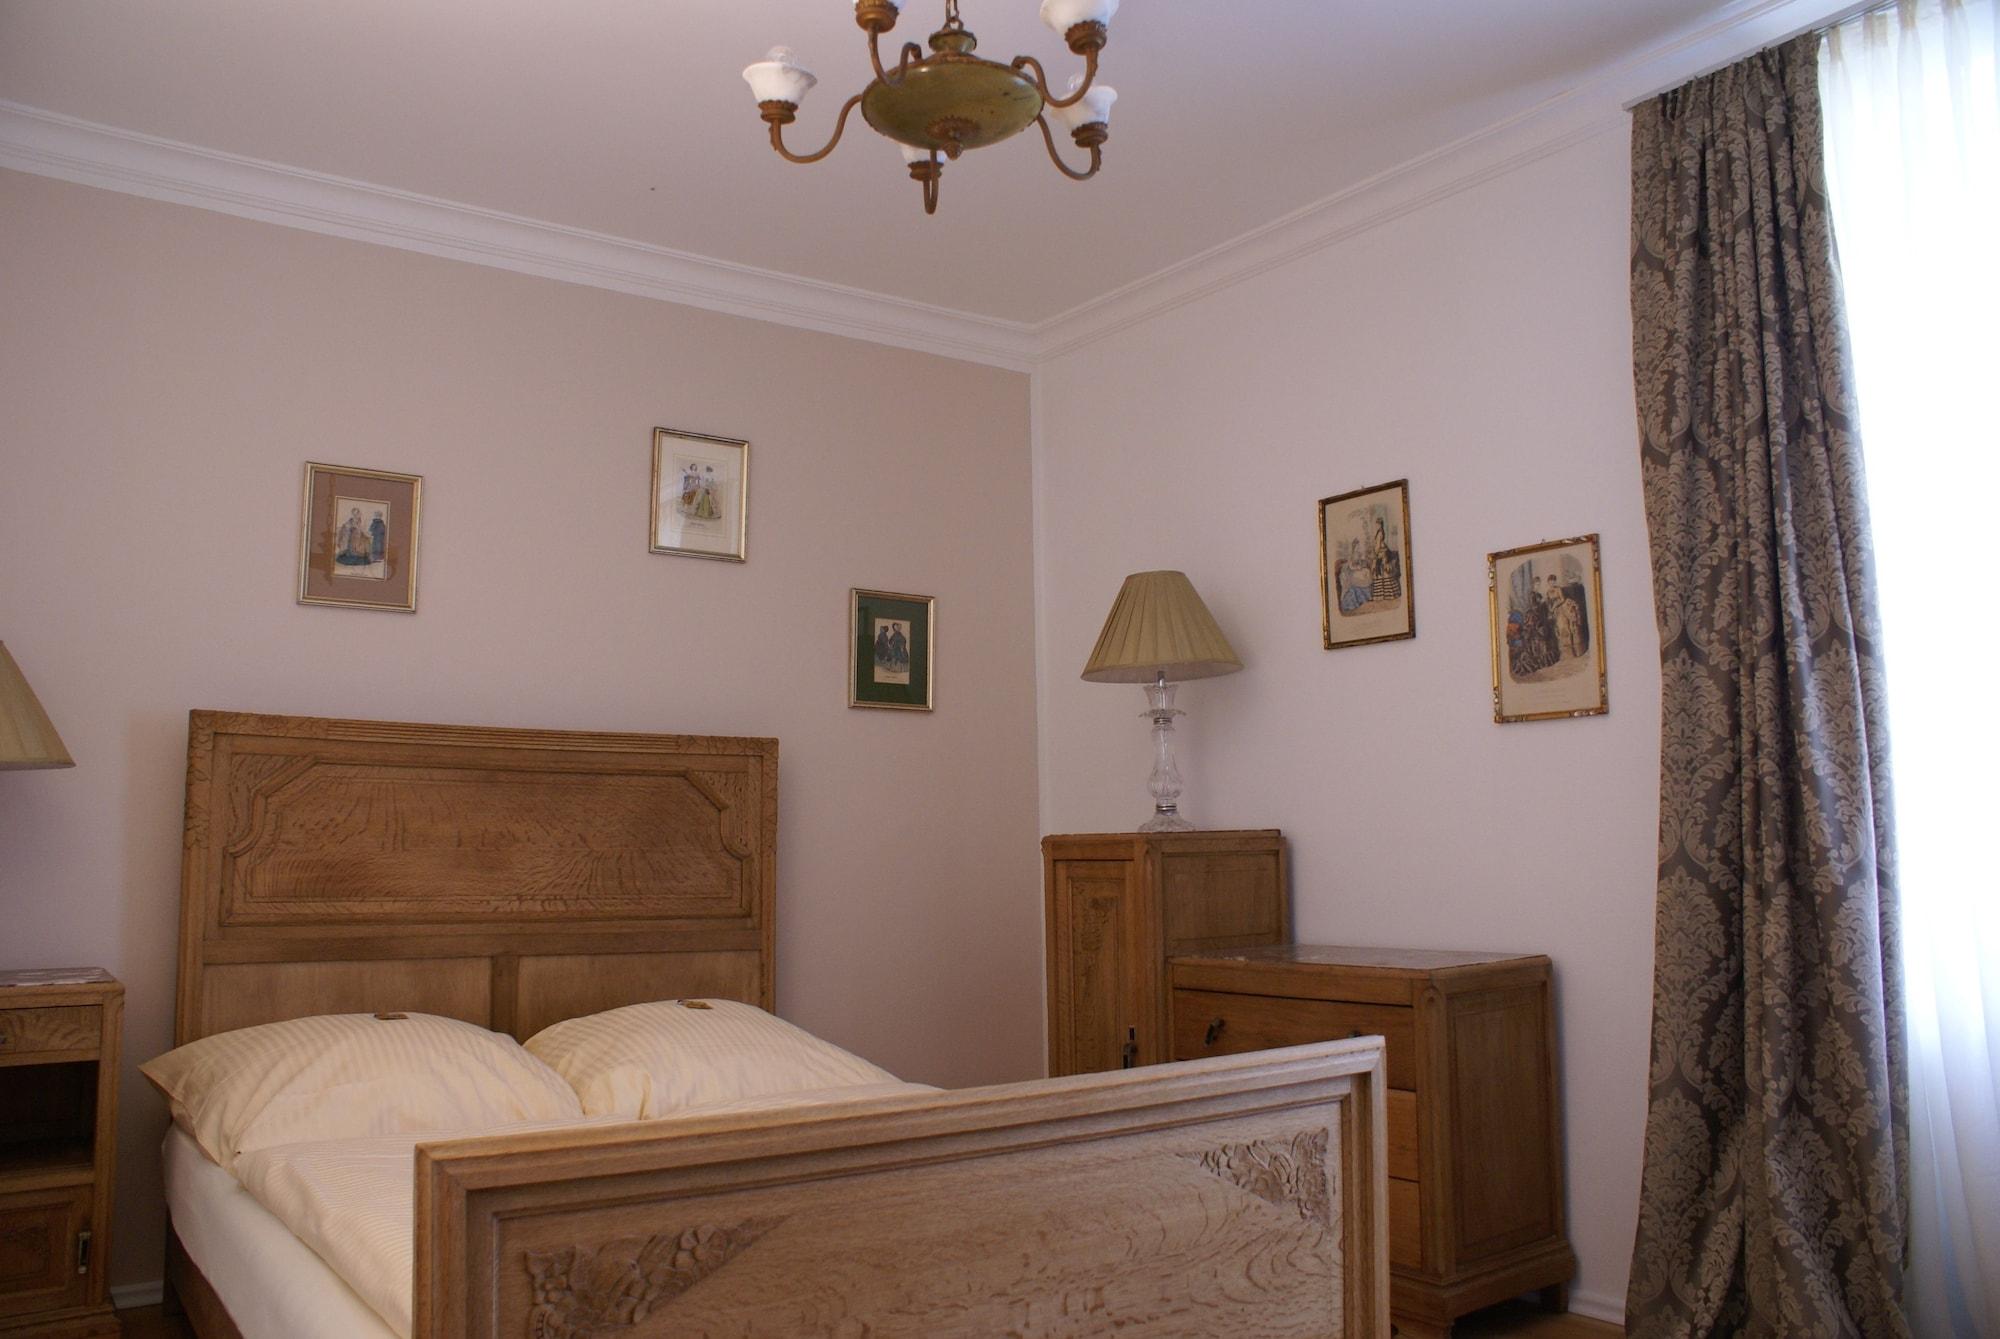 Romantisches Hotel zur Post, Mayen-Koblenz